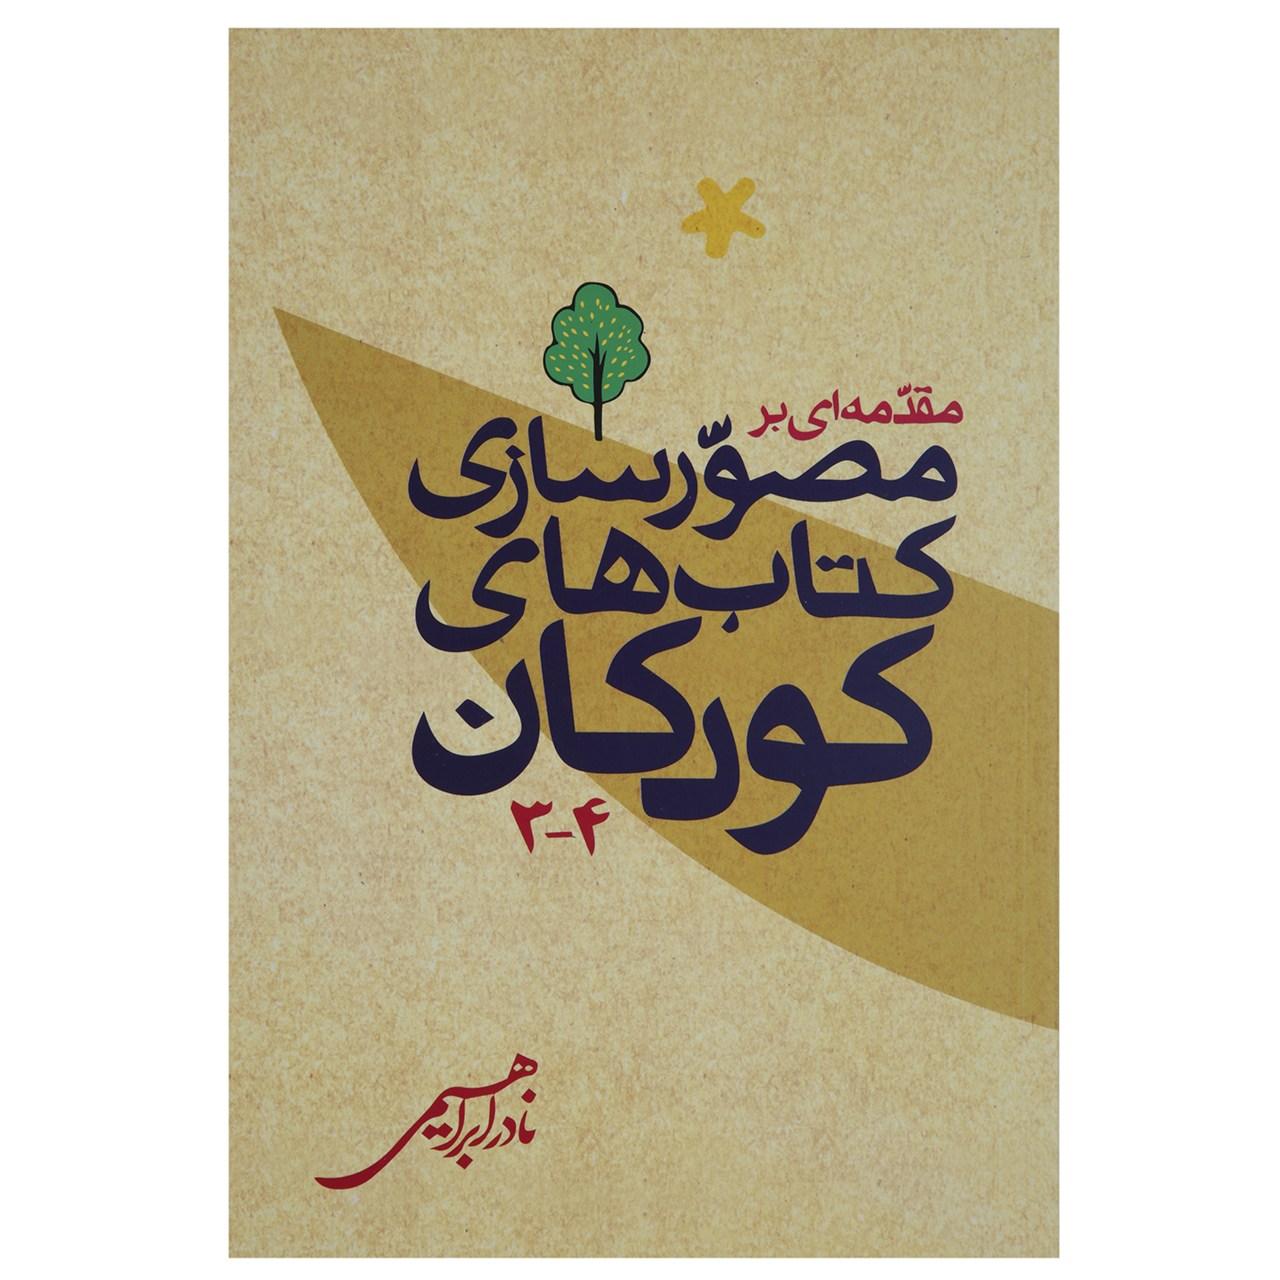 کتاب مقدمه ای بر مصورسازی کتاب های کودکان اثر نادر ابراهیمی